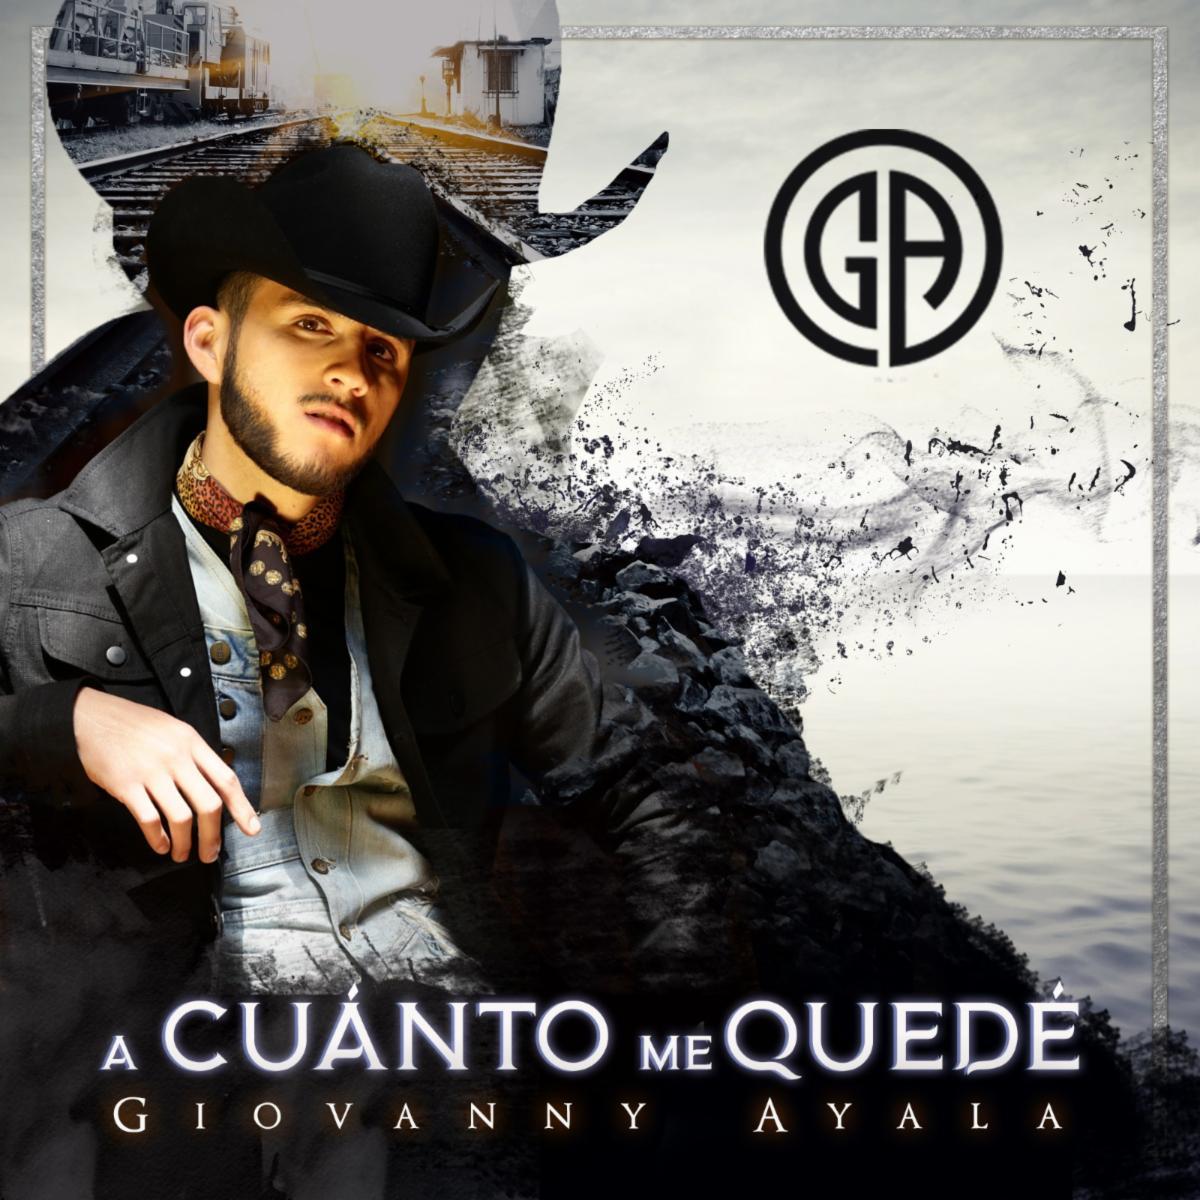 A-Cuanto-Me-Quede-GIovanny-Ayala-gerencia360